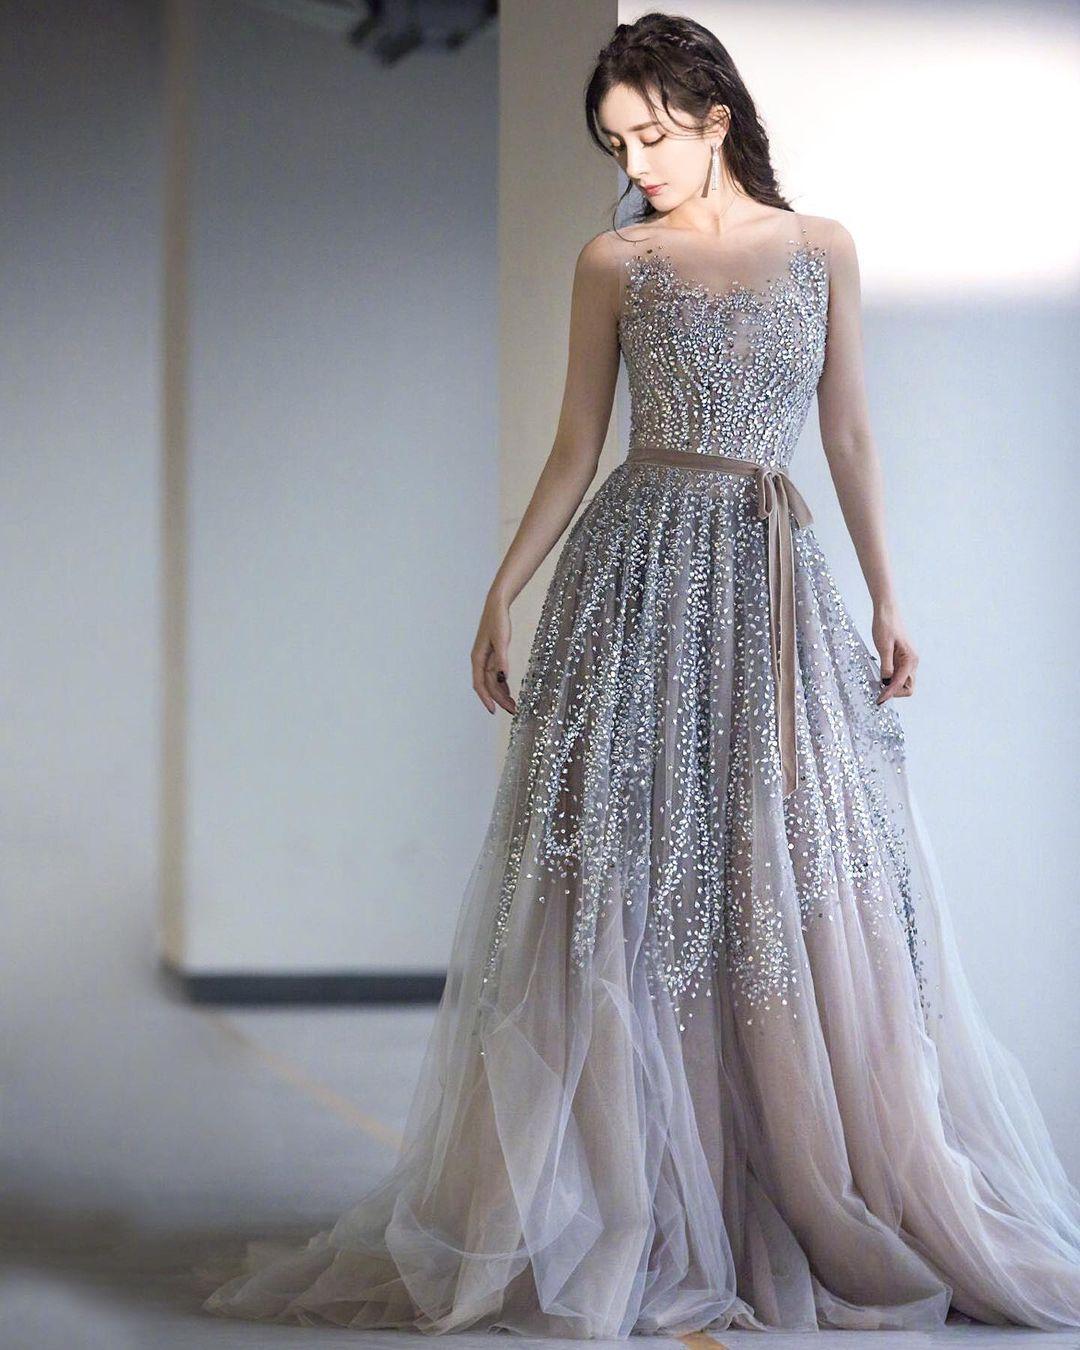 يمكنك اعتماد هذا الفستان من توقيع ريم عكرا لإطلالة كالأميرات-الصورة من انستغرام Reem Acra